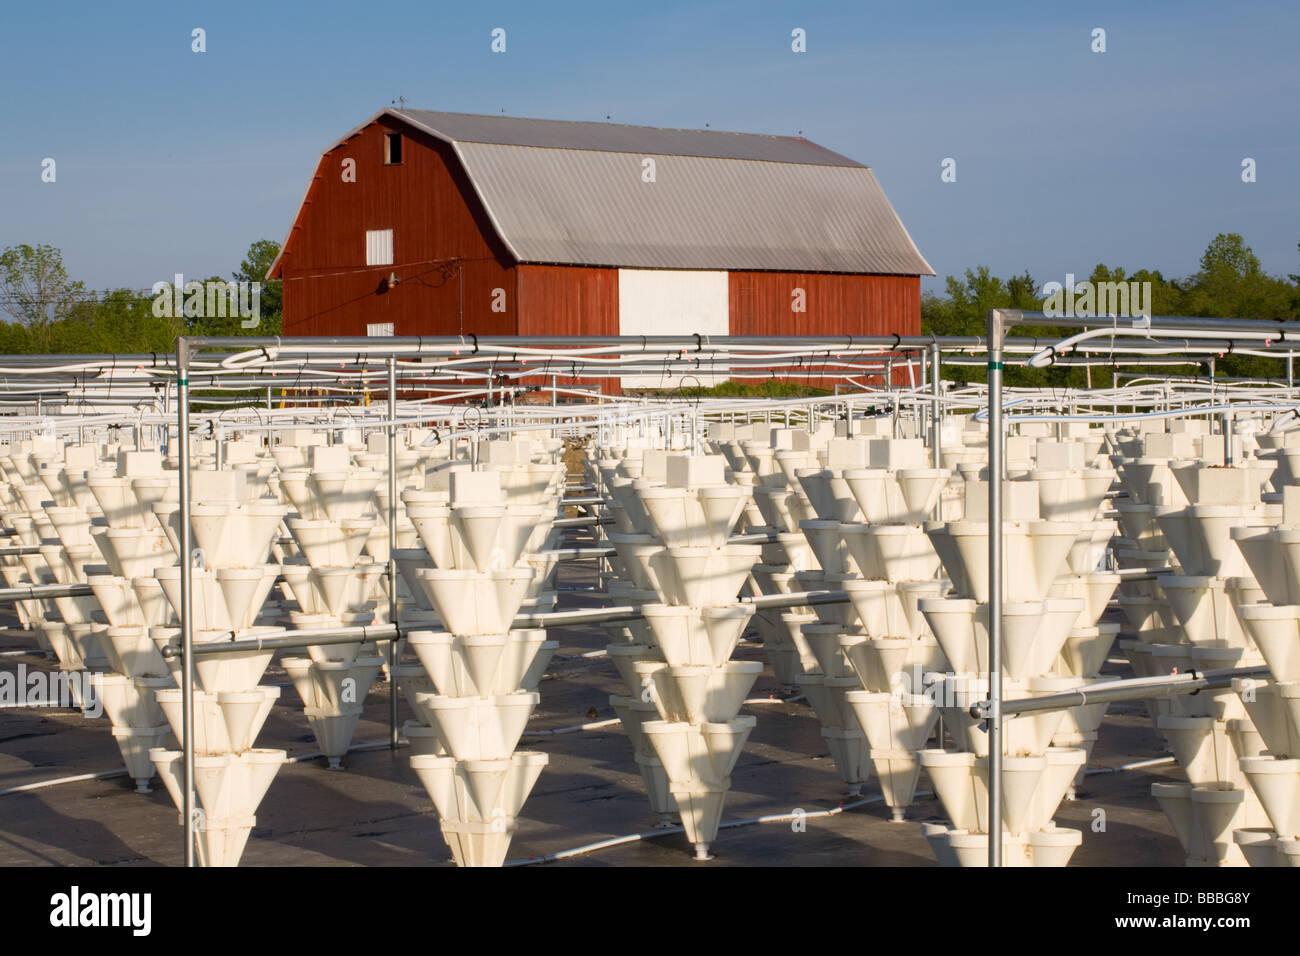 De plus en plus l'agriculture hydroponique fraises près de Skaneateles New York Comté d'Onondaga Photo Stock